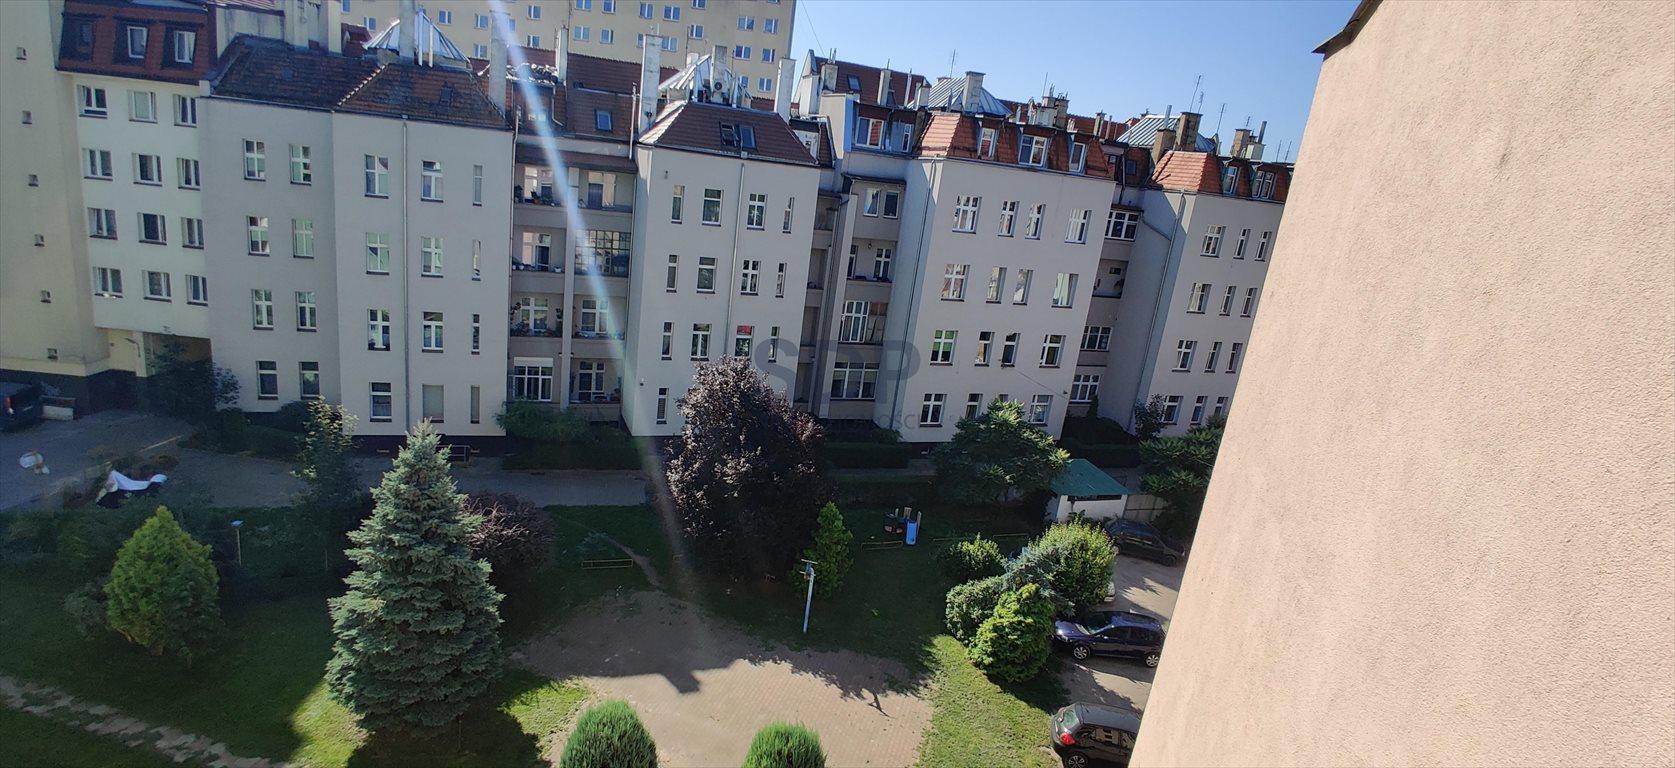 Mieszkanie trzypokojowe na sprzedaż Wrocław, Krzyki, Huby, Gliniana  62m2 Foto 4